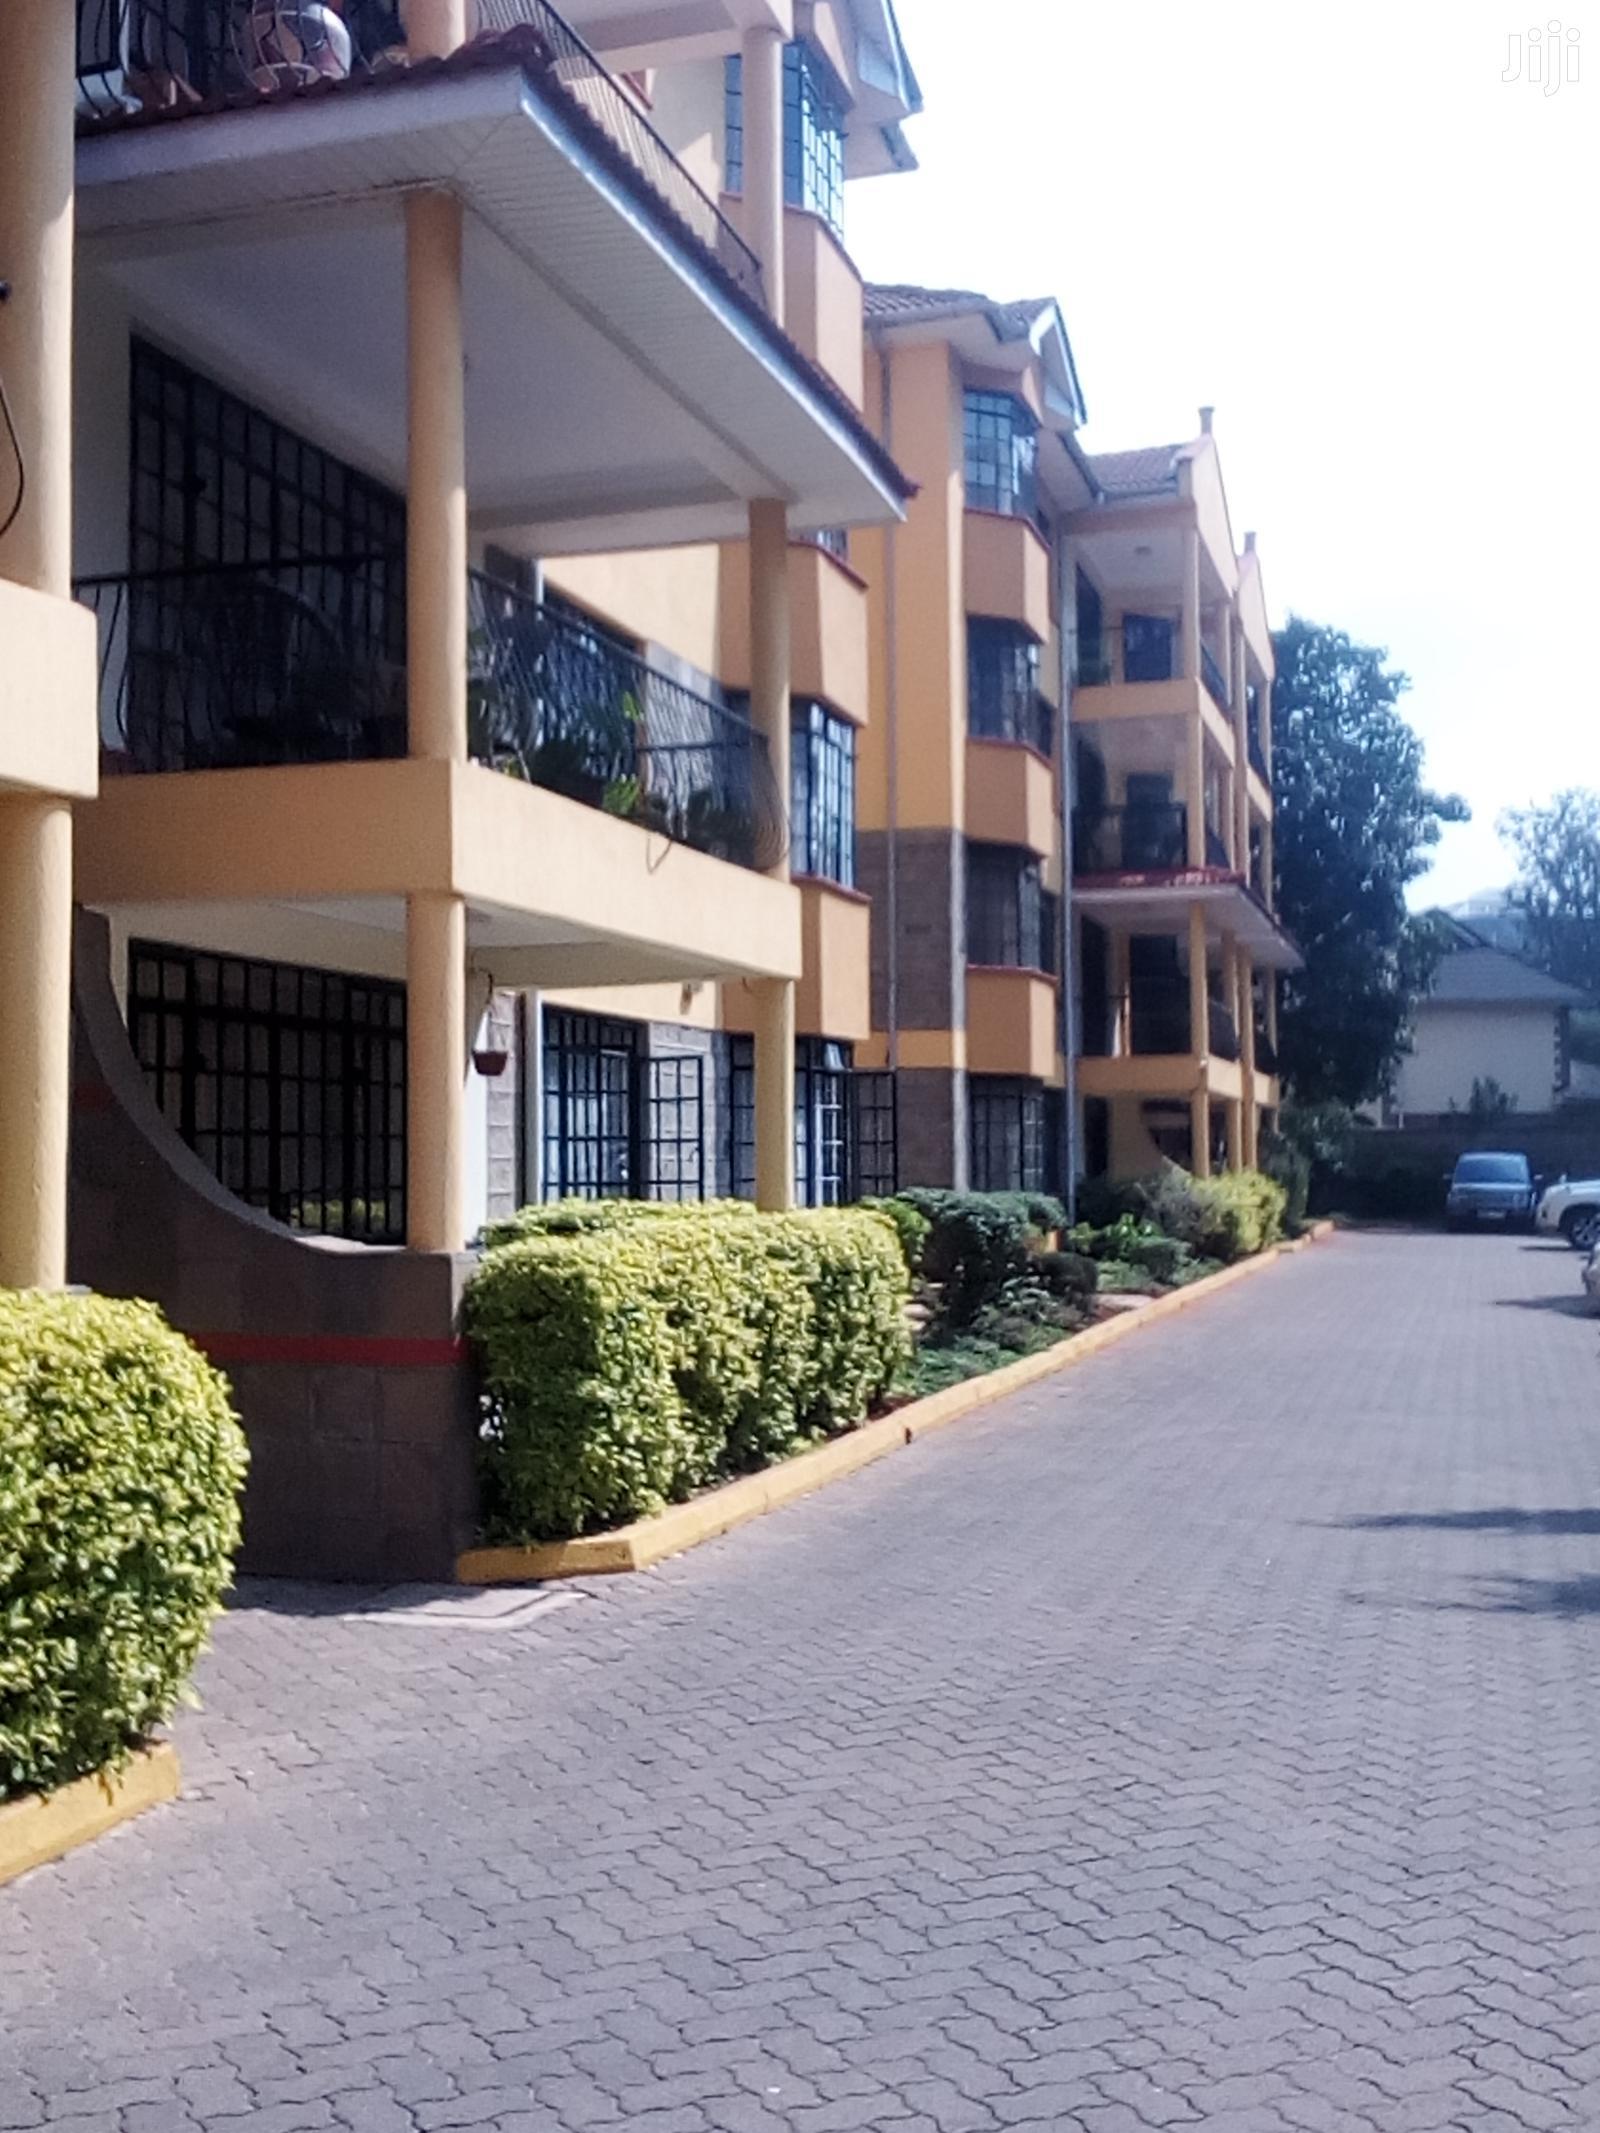 Kileleshwa Spacious Three Bedroom Apartment to Let.